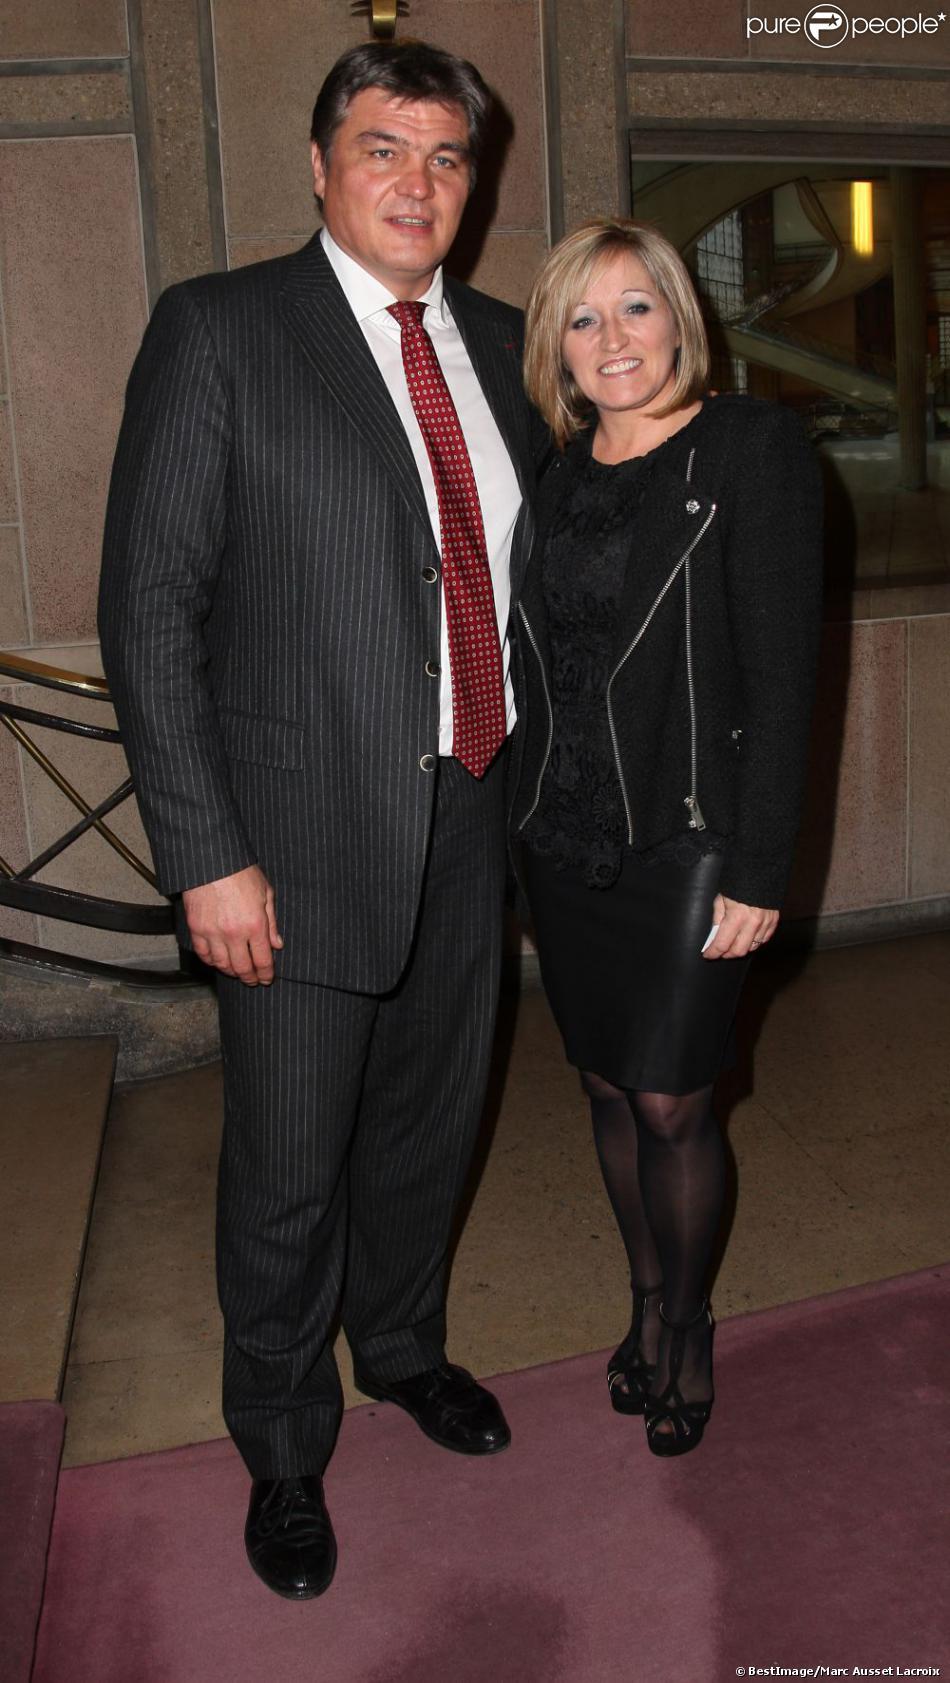 David Douillet et sa femme Valerie lors du dîner de Gala de la French American Foundation au Palais d'Iéna à Paris le 27 Novembre 2012